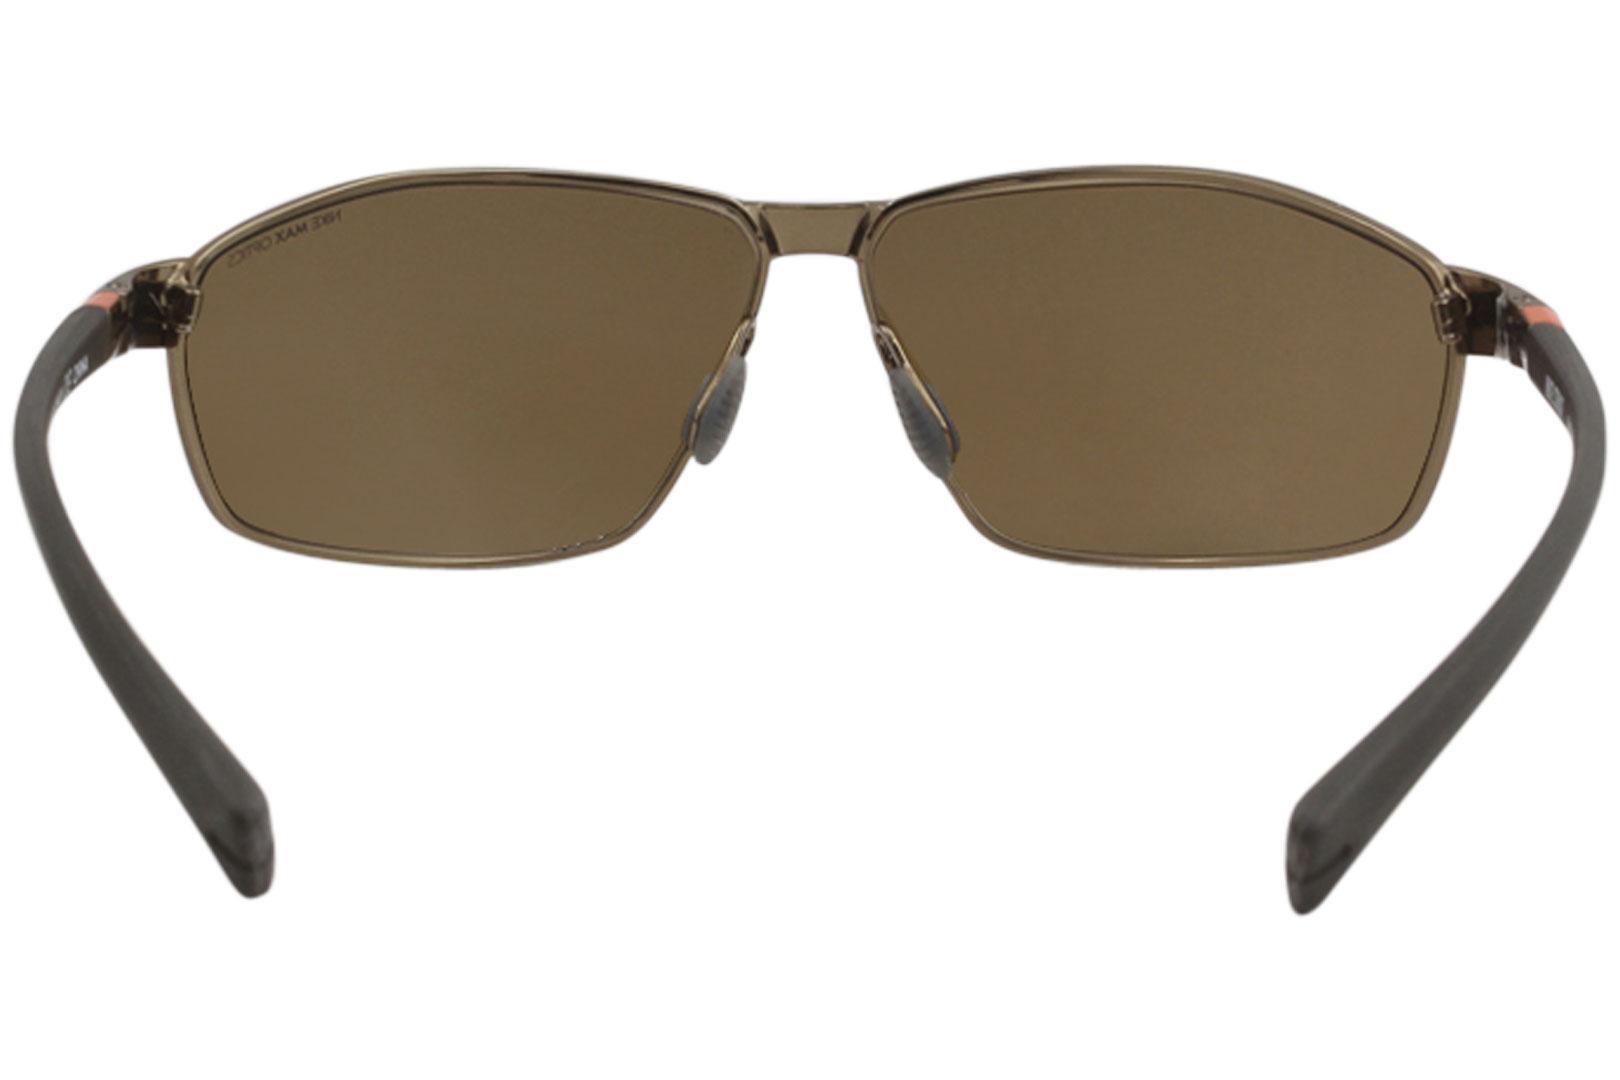 9f645103af69 Nike Men's Stride Sport Rectangle Sunglasses